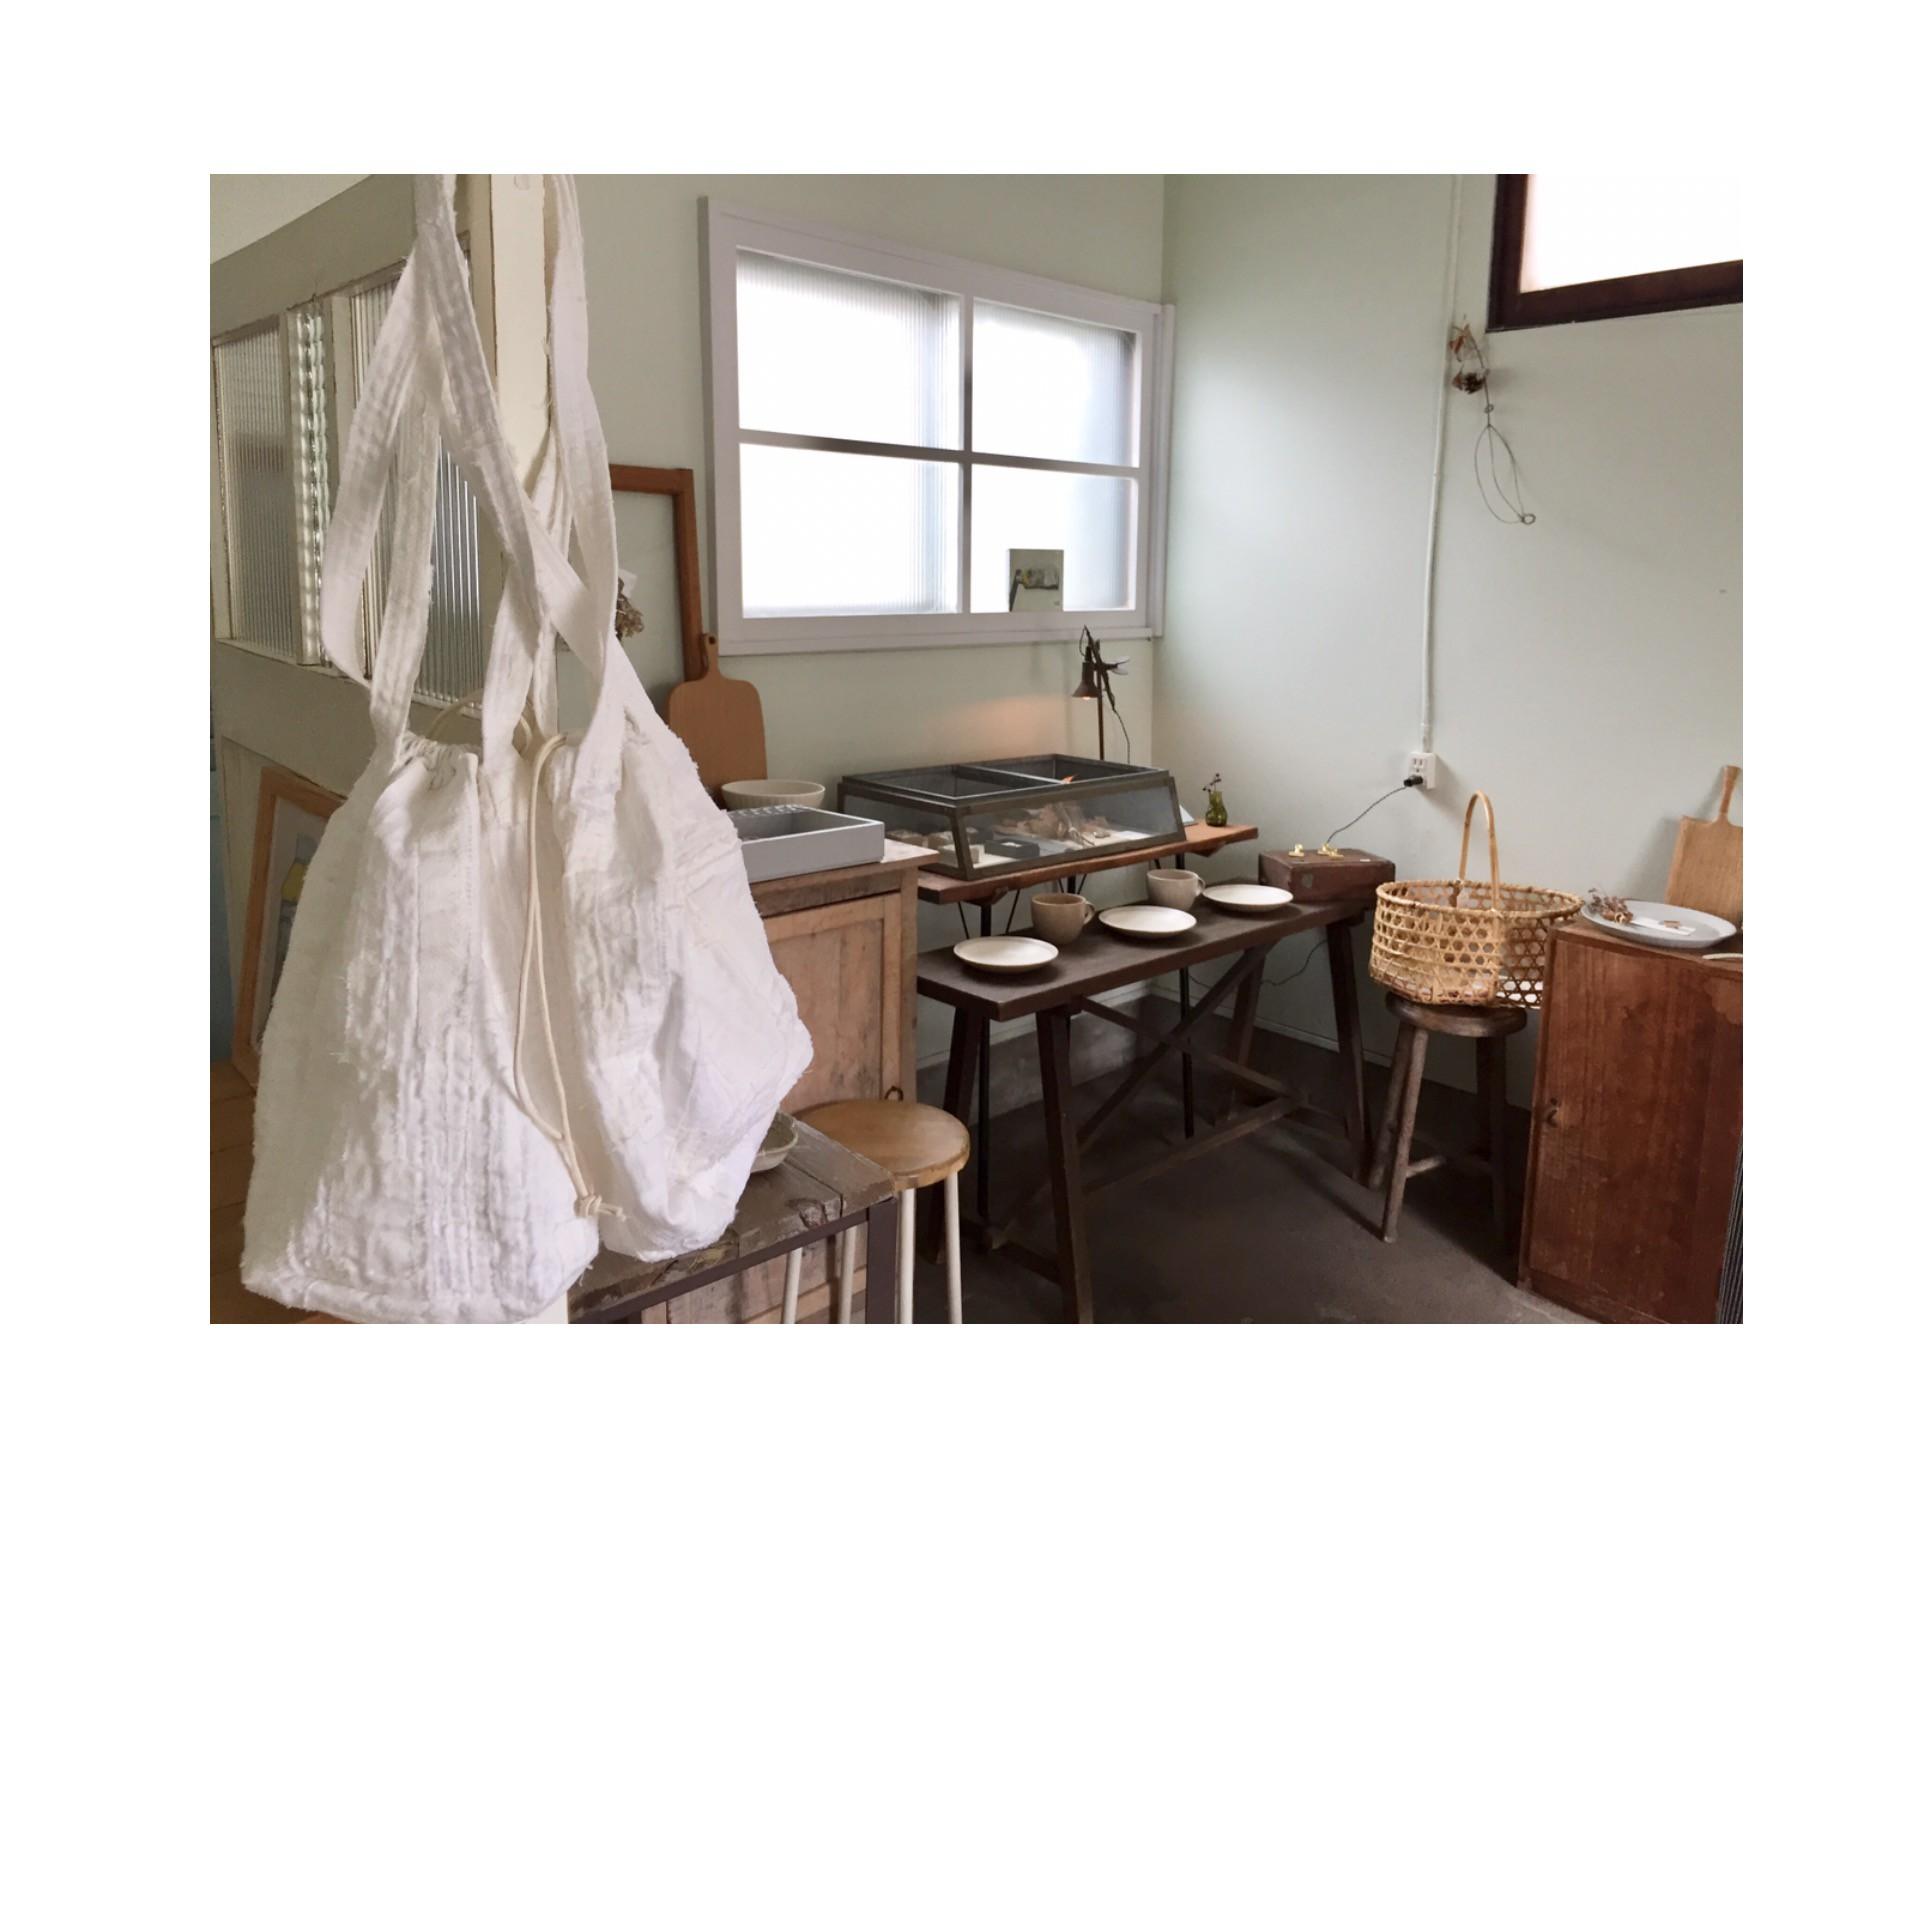 工藤由美さんの巾着バッグ